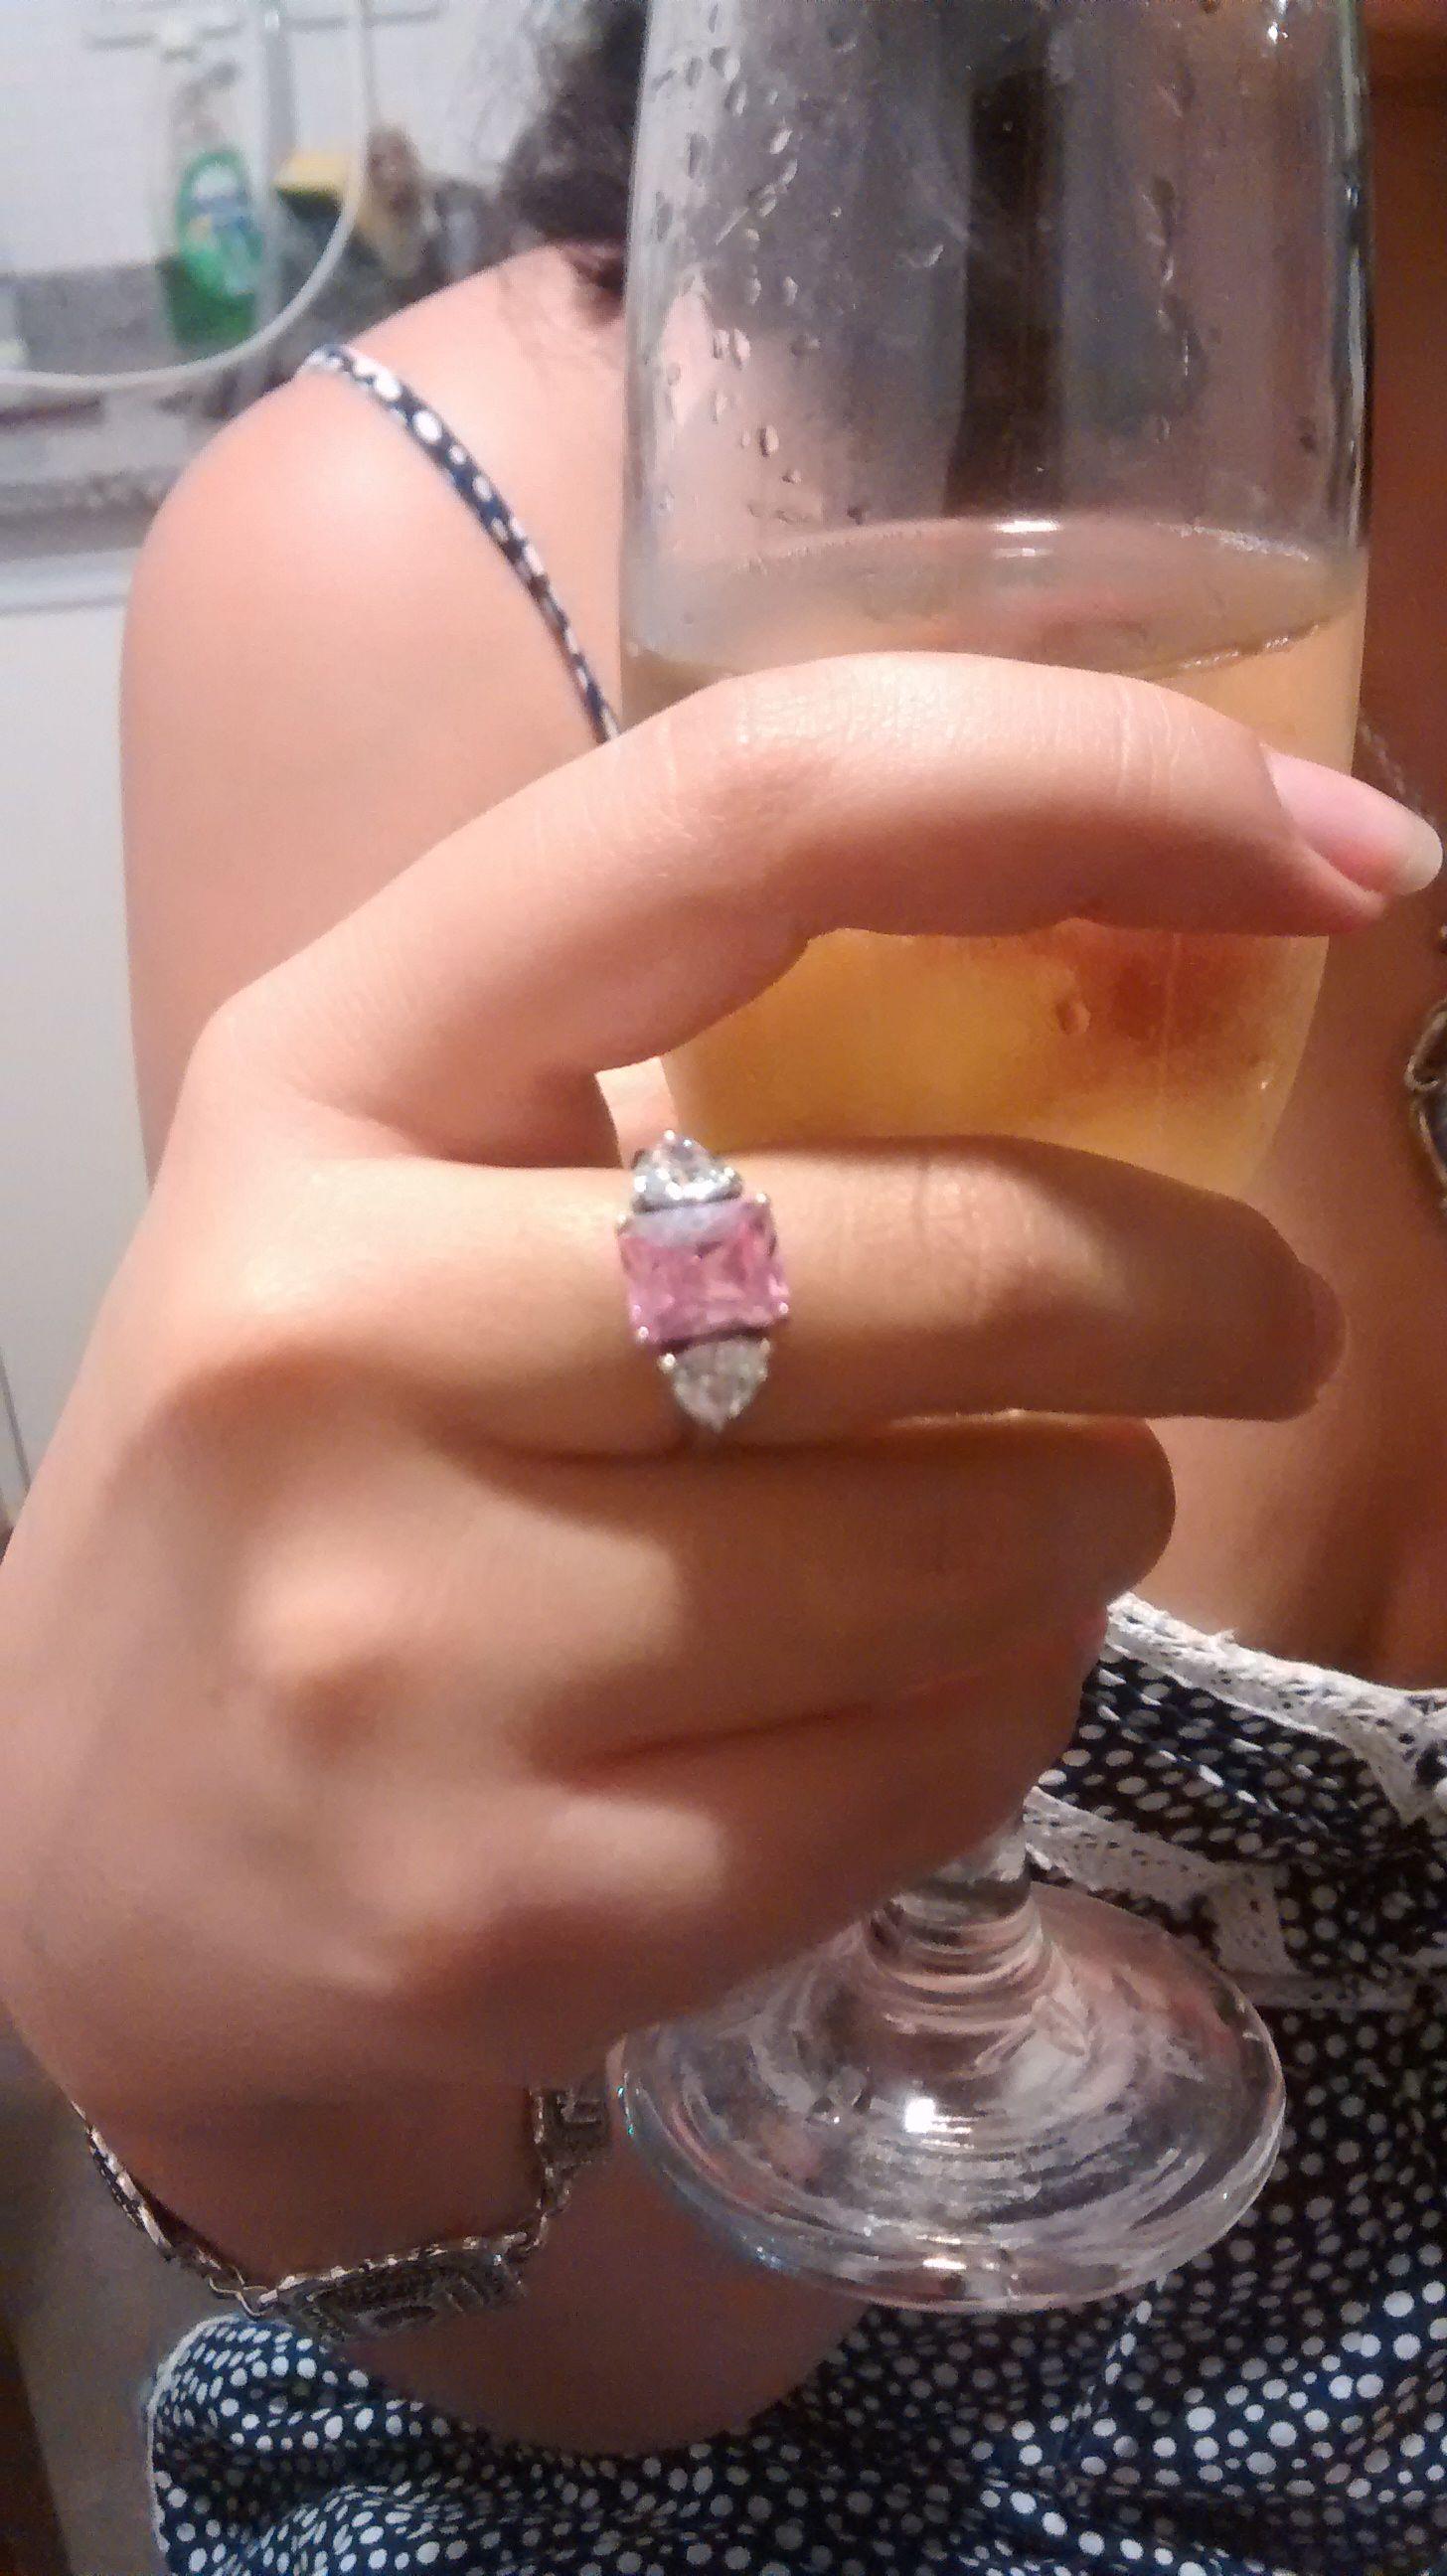 La foto de mi anillo de compromiso, durante el brindis con mi novio ...